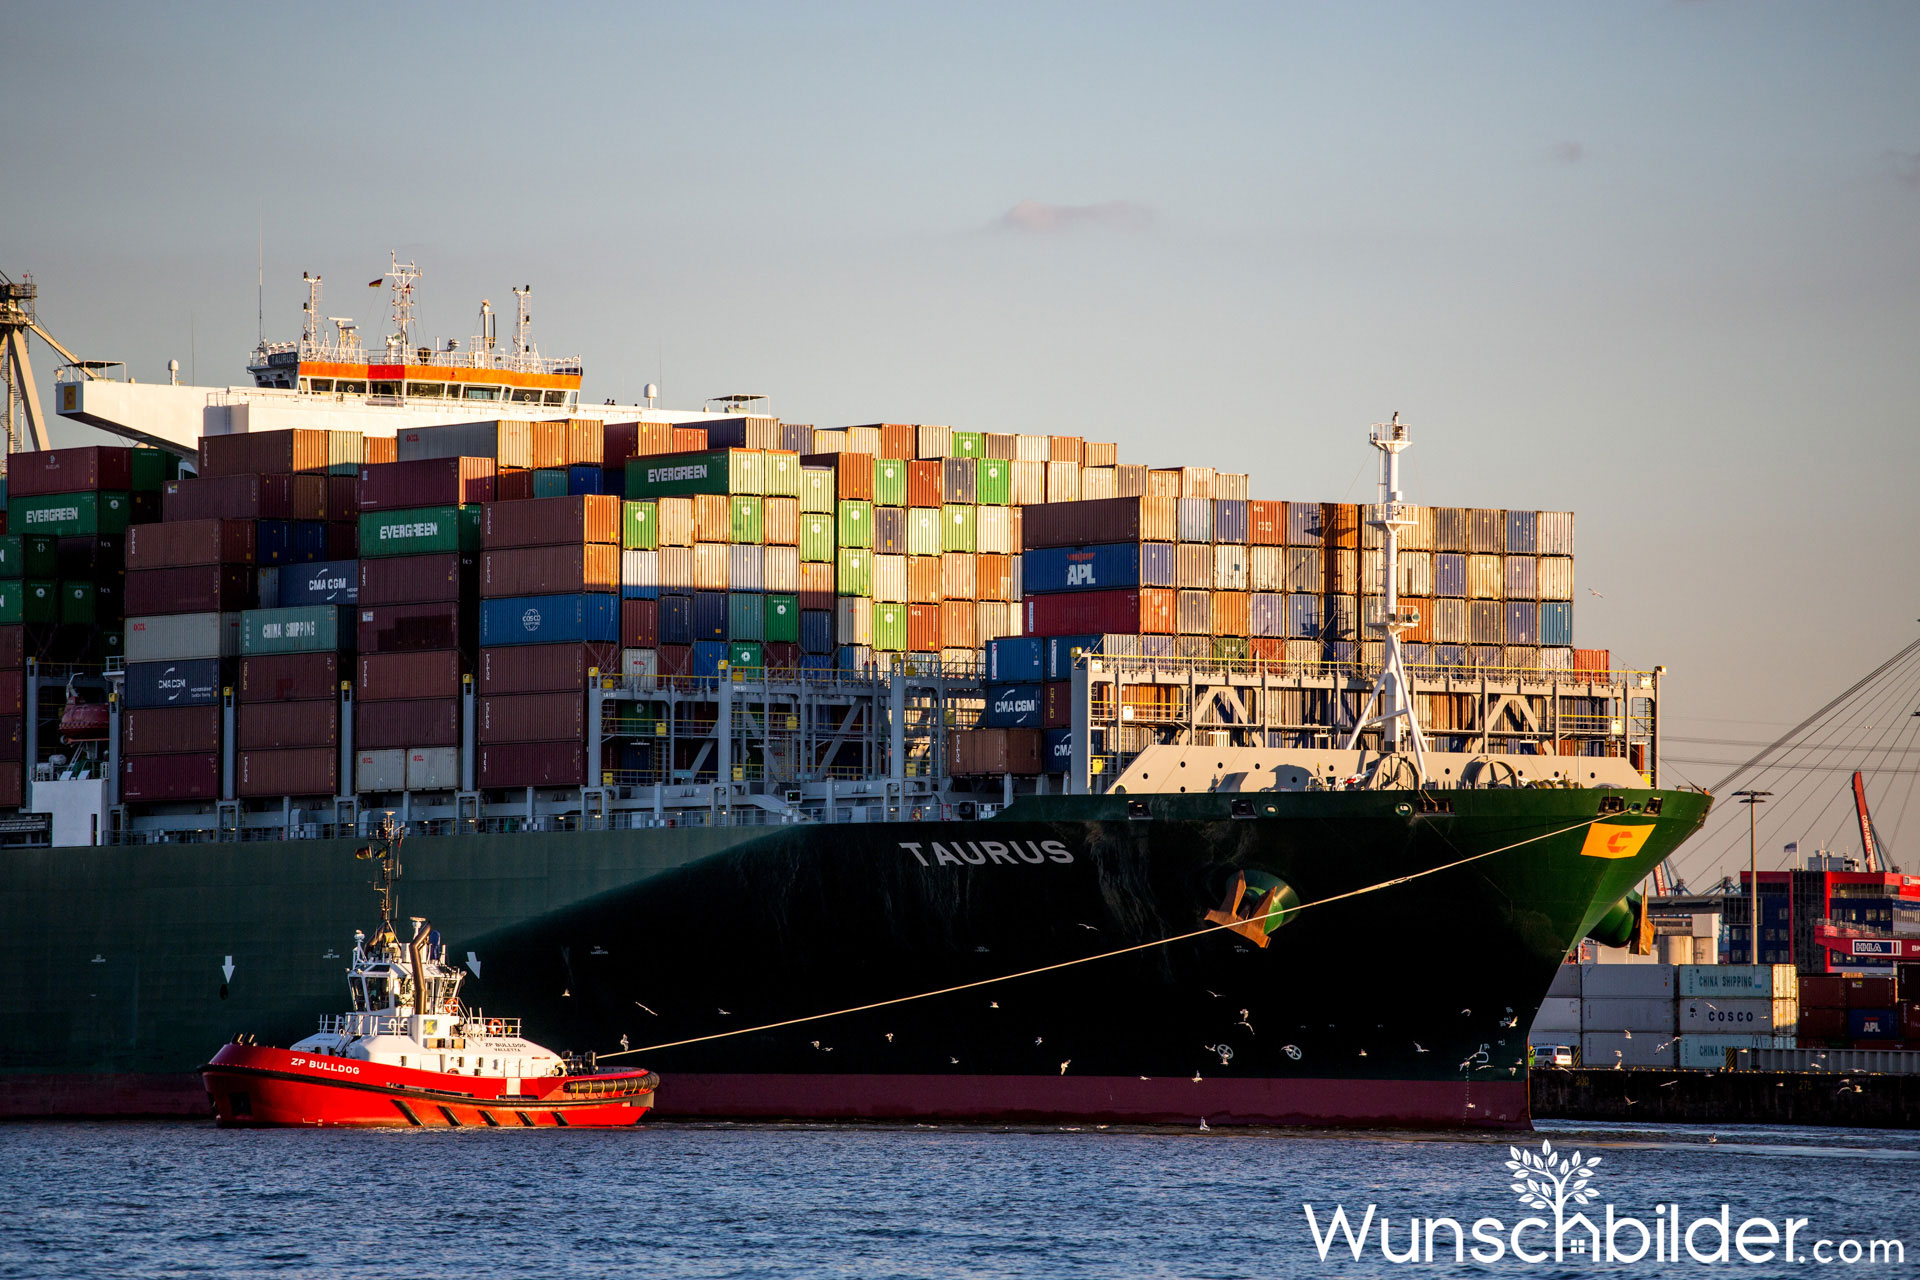 Containerschiffe im Hamburger Hafen - wunschbilder.com